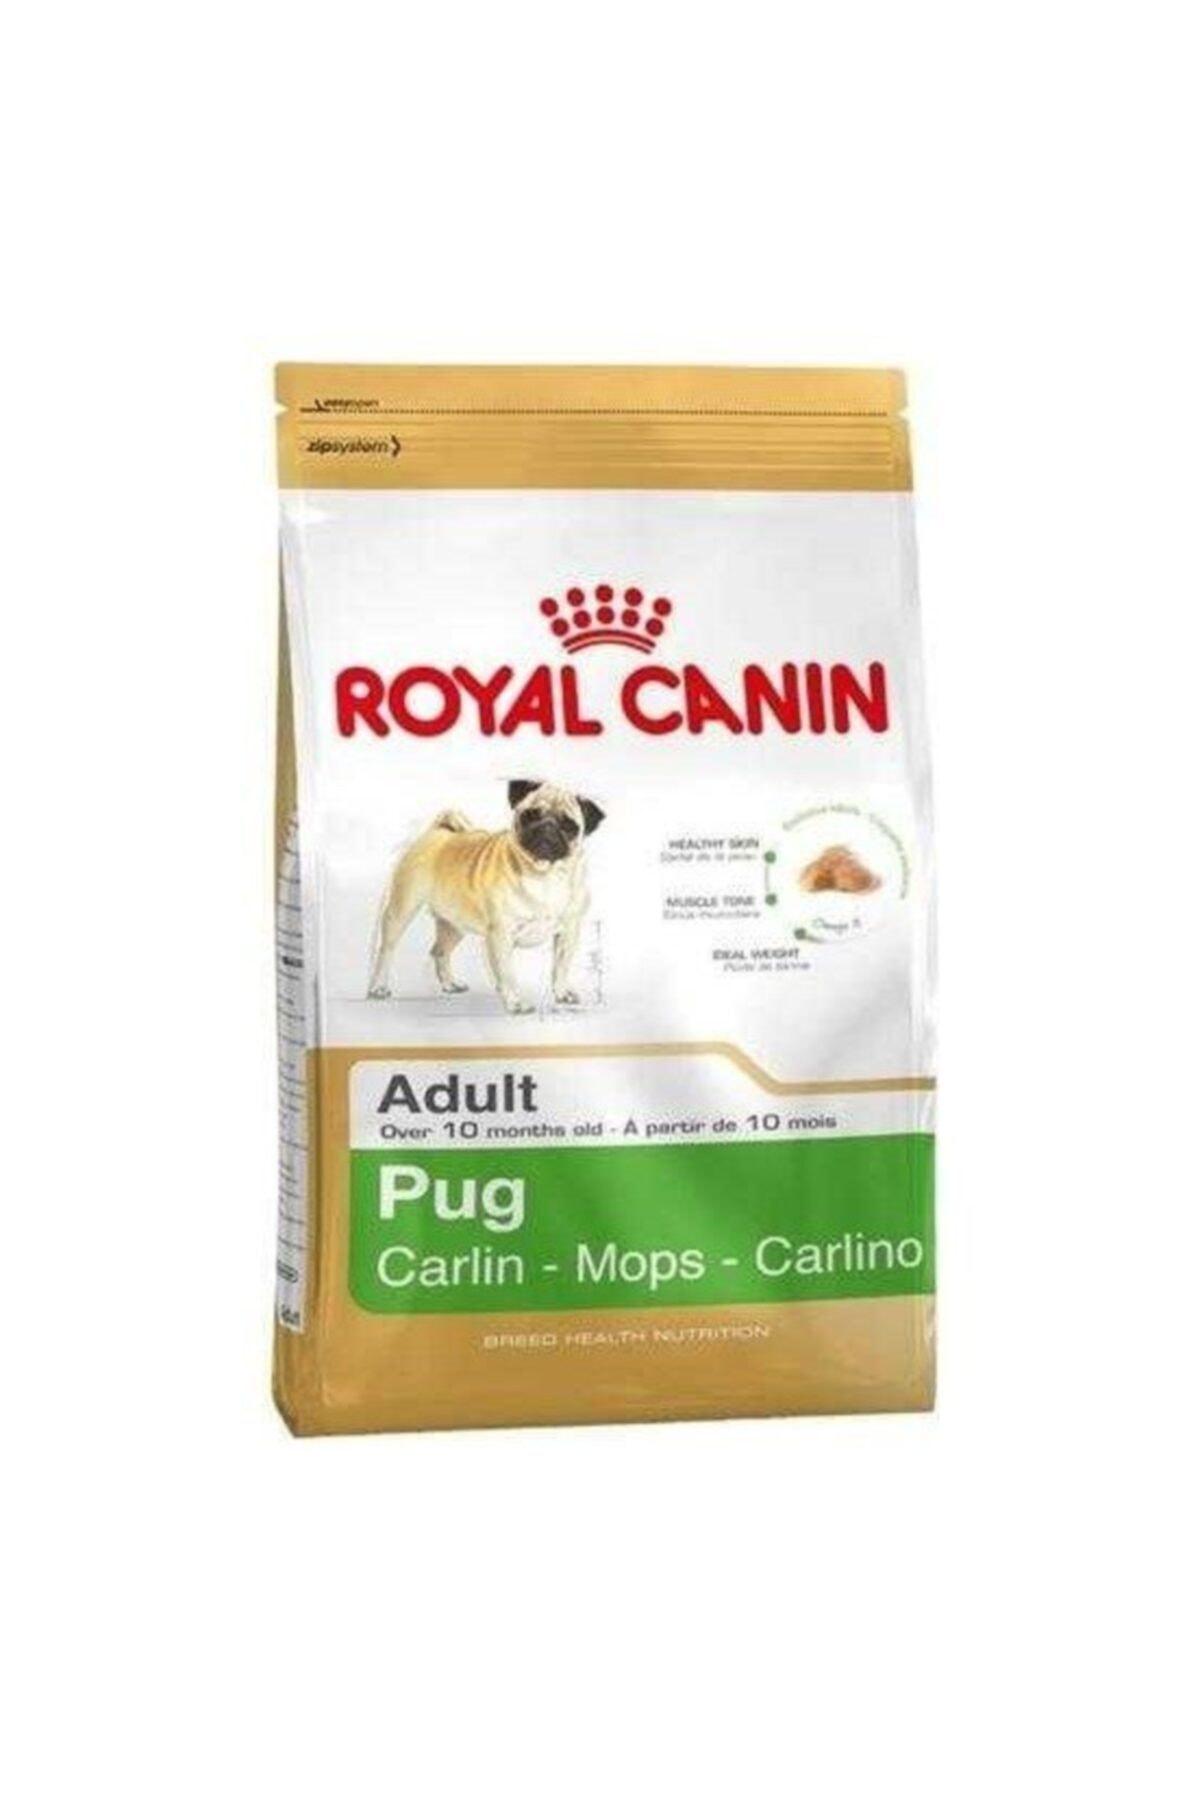 Royal Canin Pug 25 Pug Irkı Özel Maması 1,5 kg 1